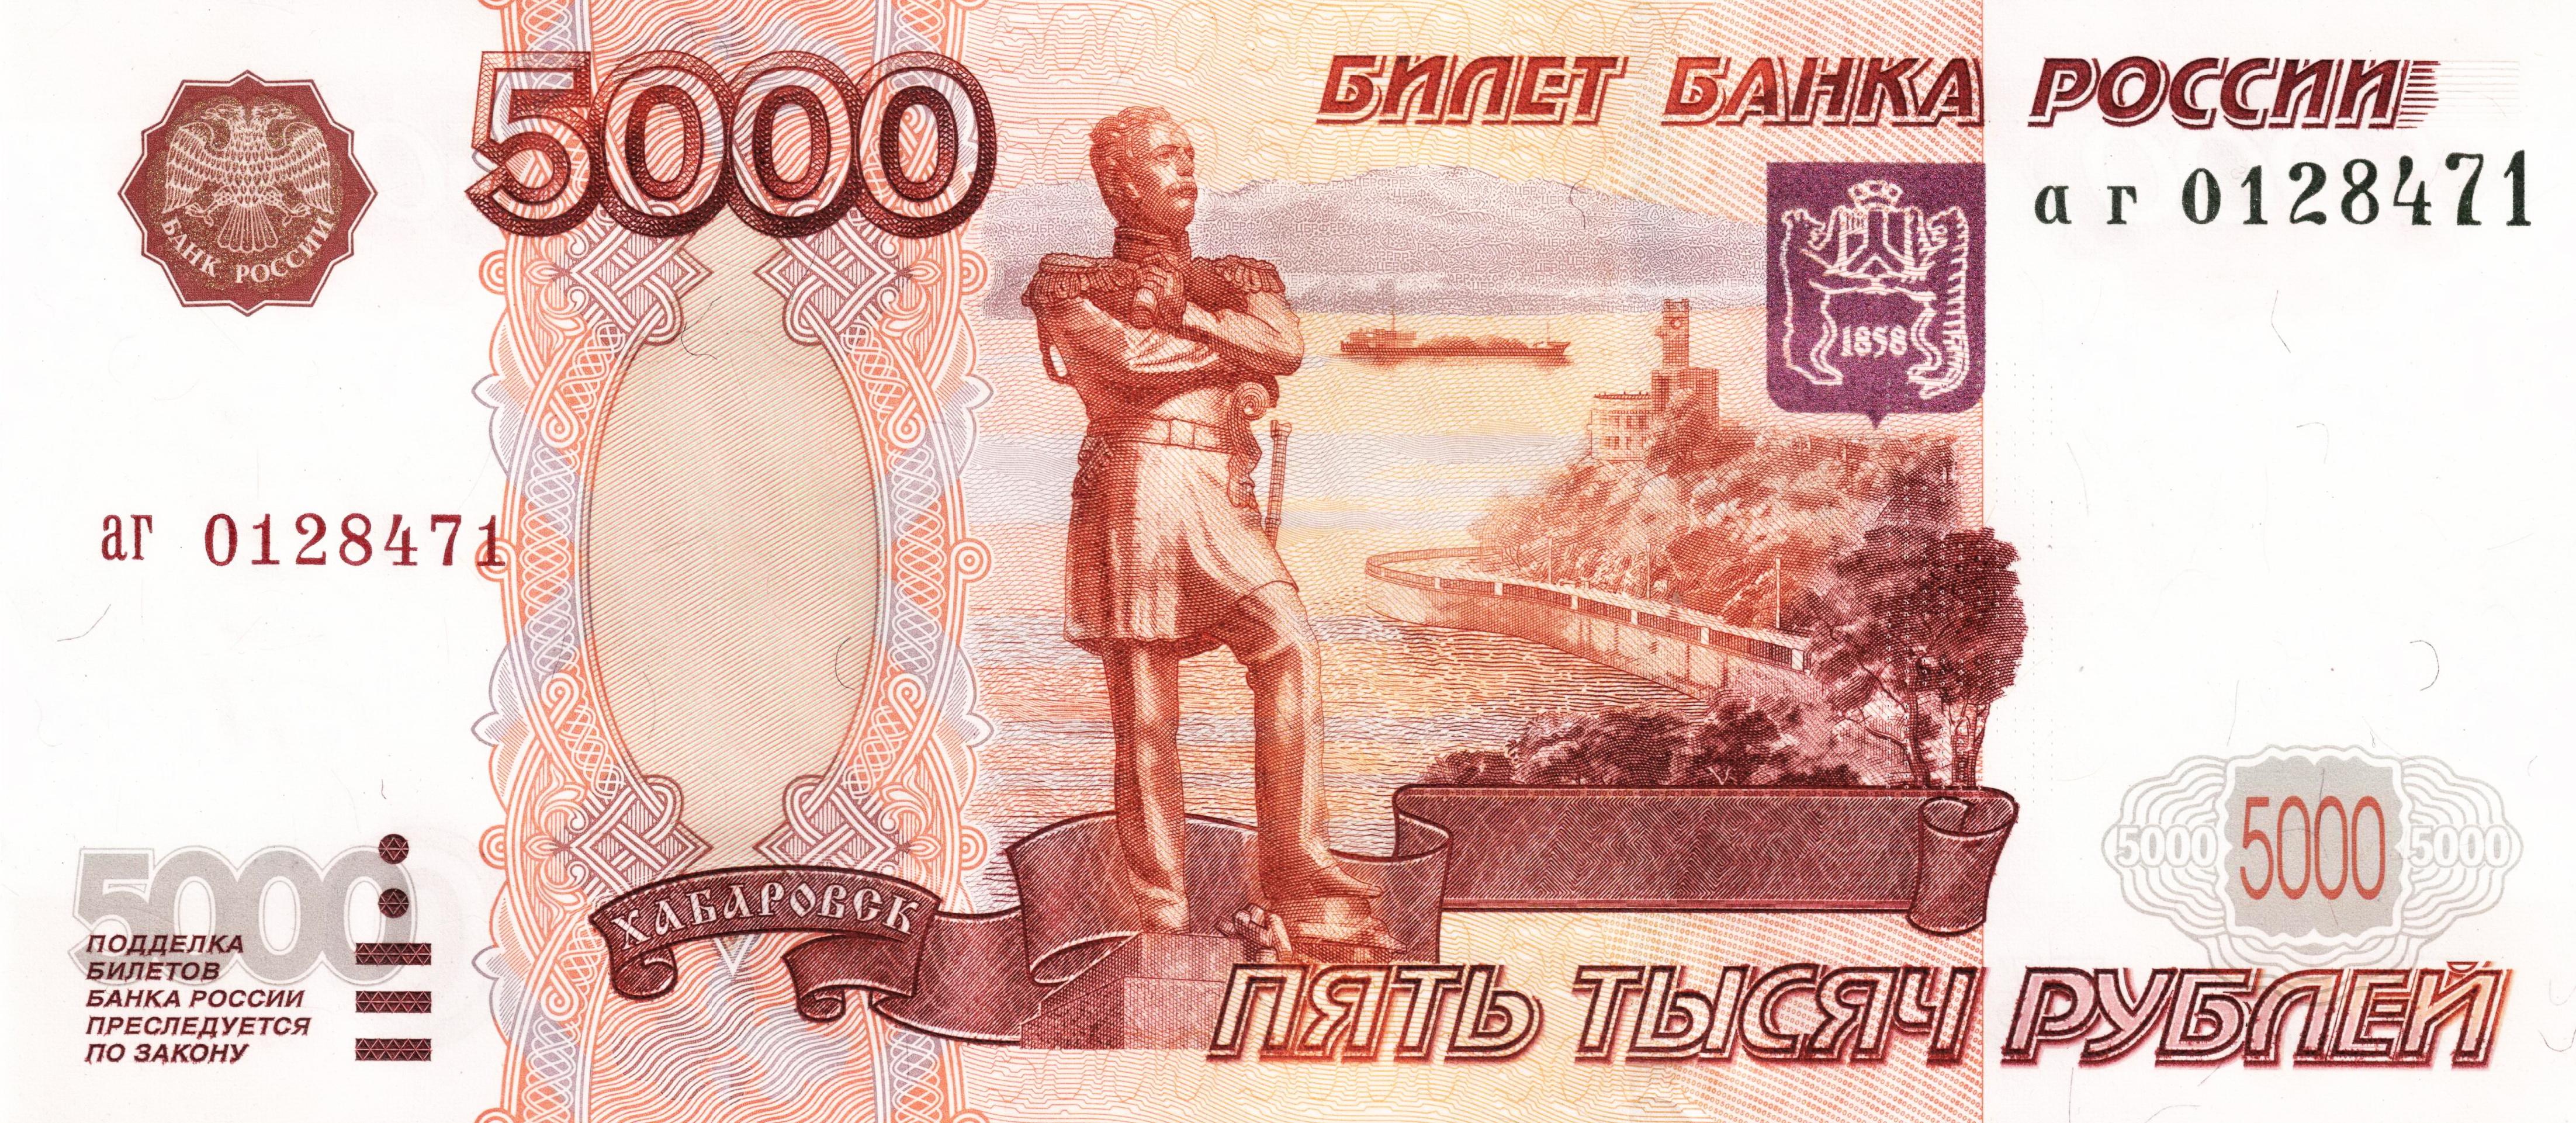 Alles ist käuflich (5000 Rubel-Banknote)